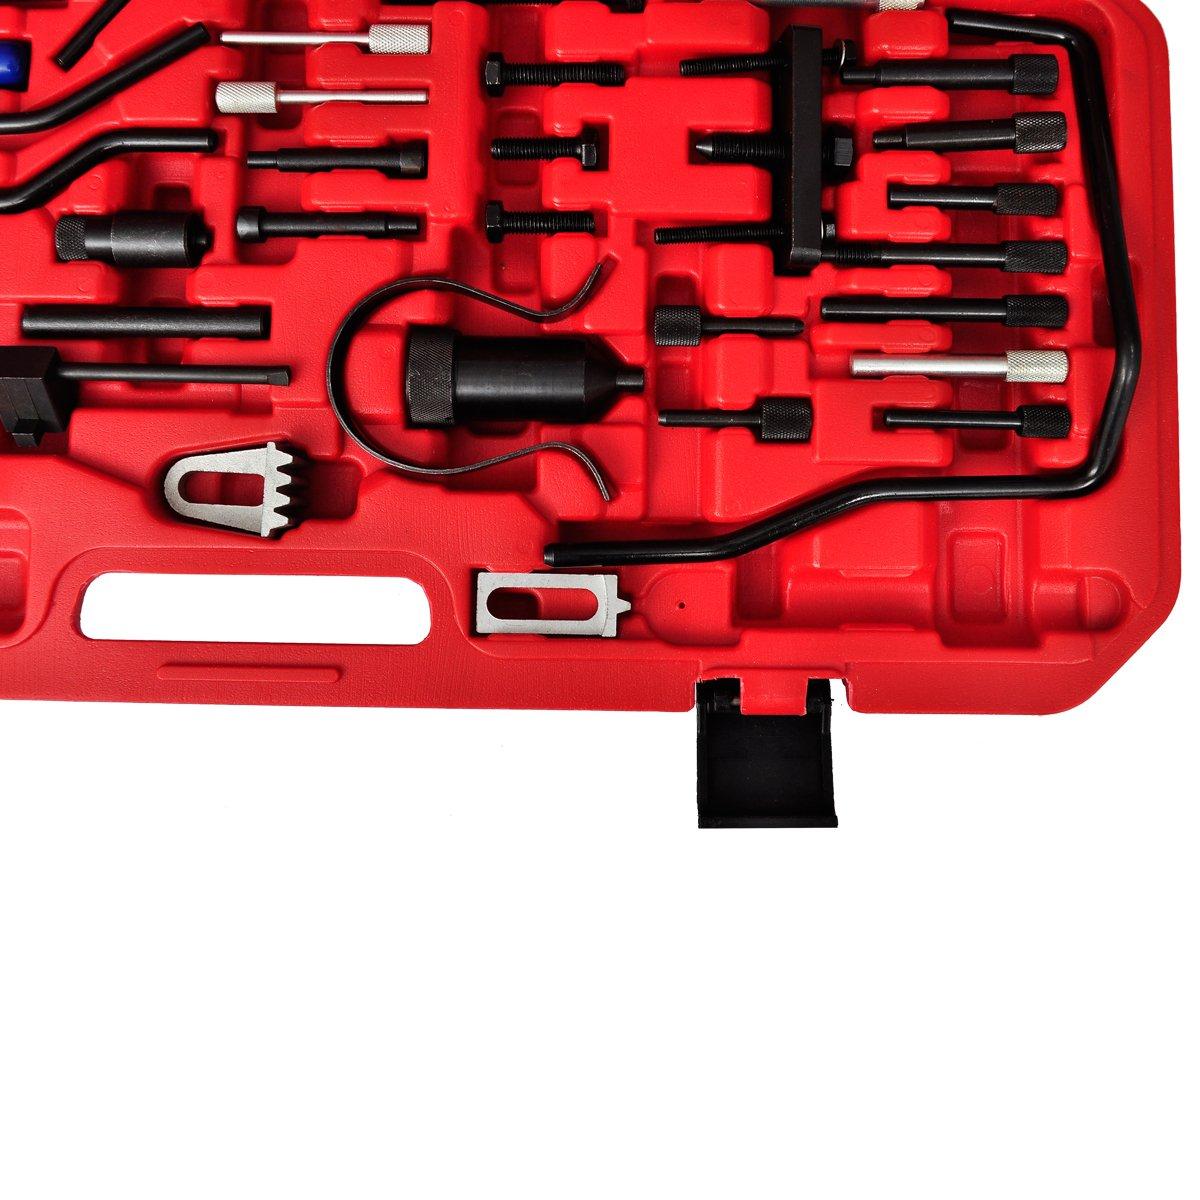 vidaXL Juego de Herramientas de Sincronización de Motor Coche Kit de Mecánica: Amazon.es: Bricolaje y herramientas